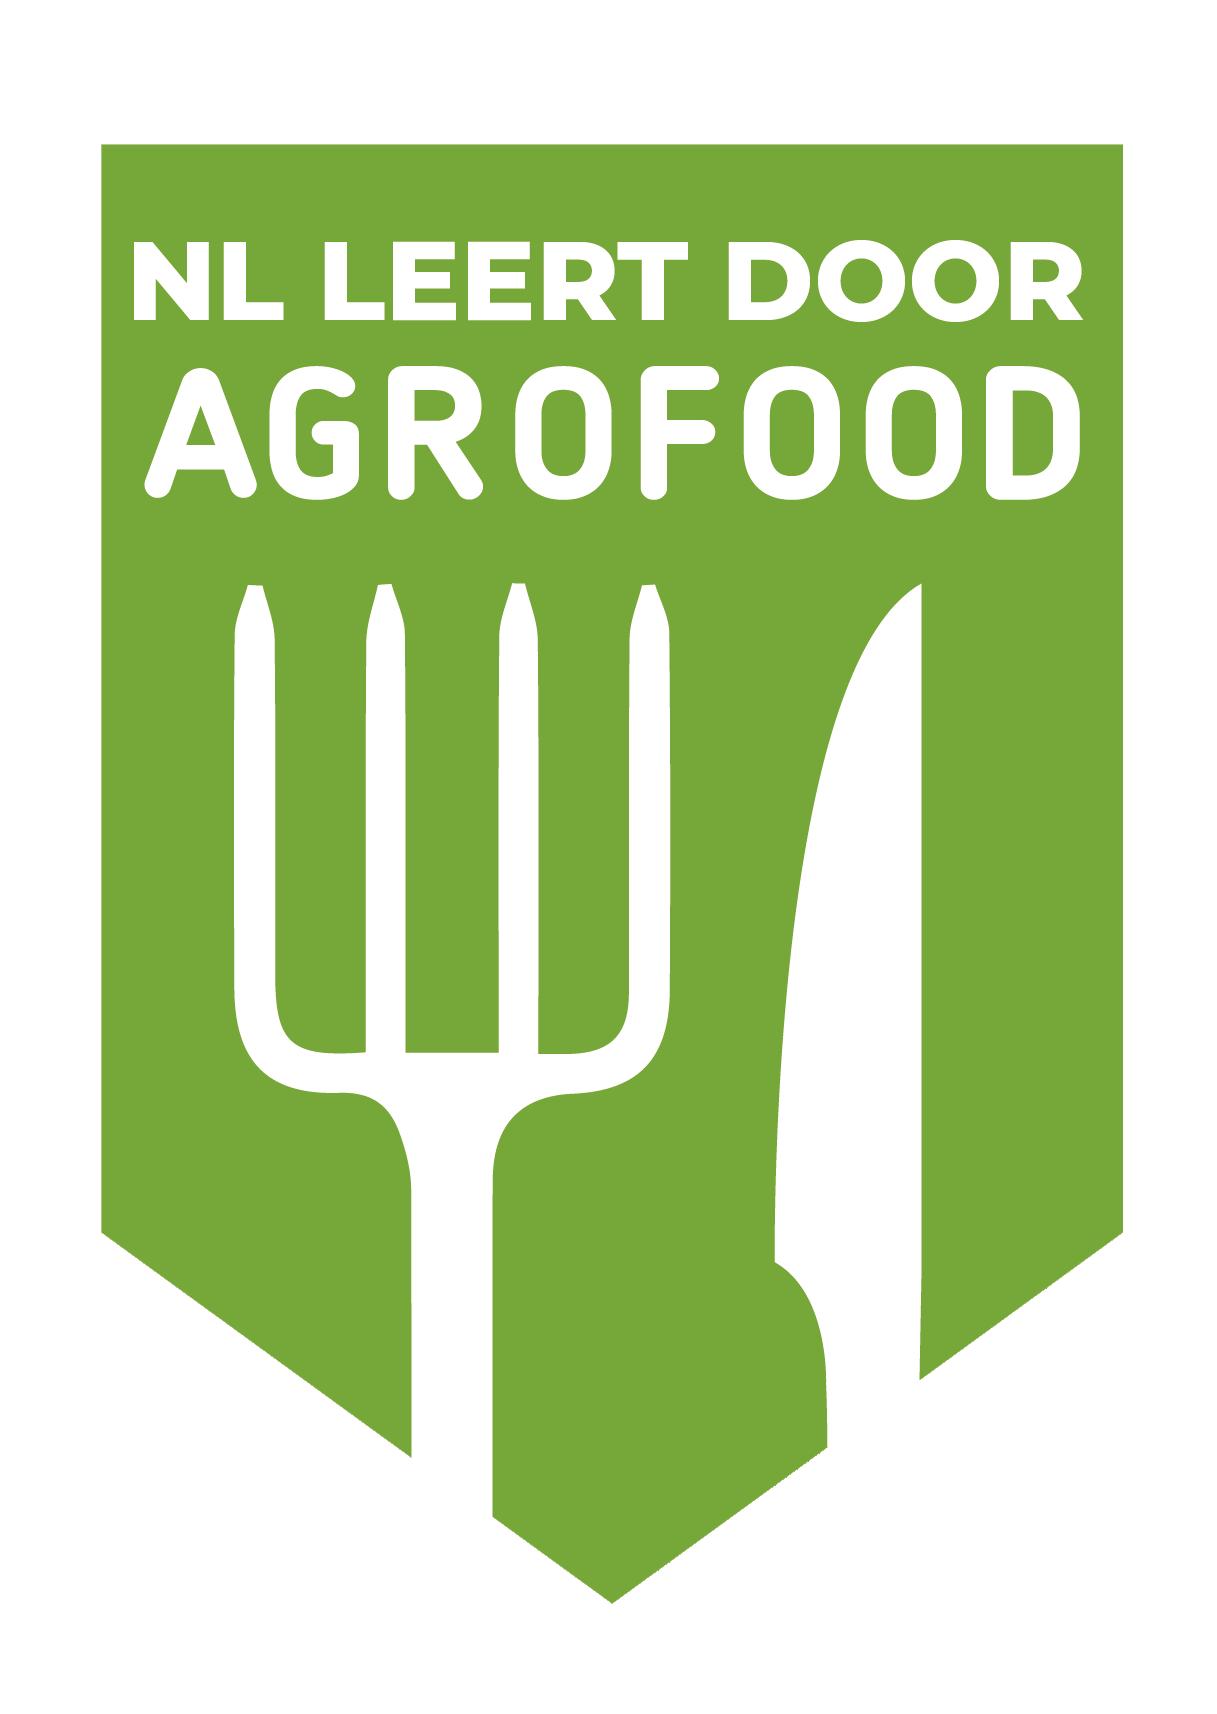 Logo NL leert door agrofood.png